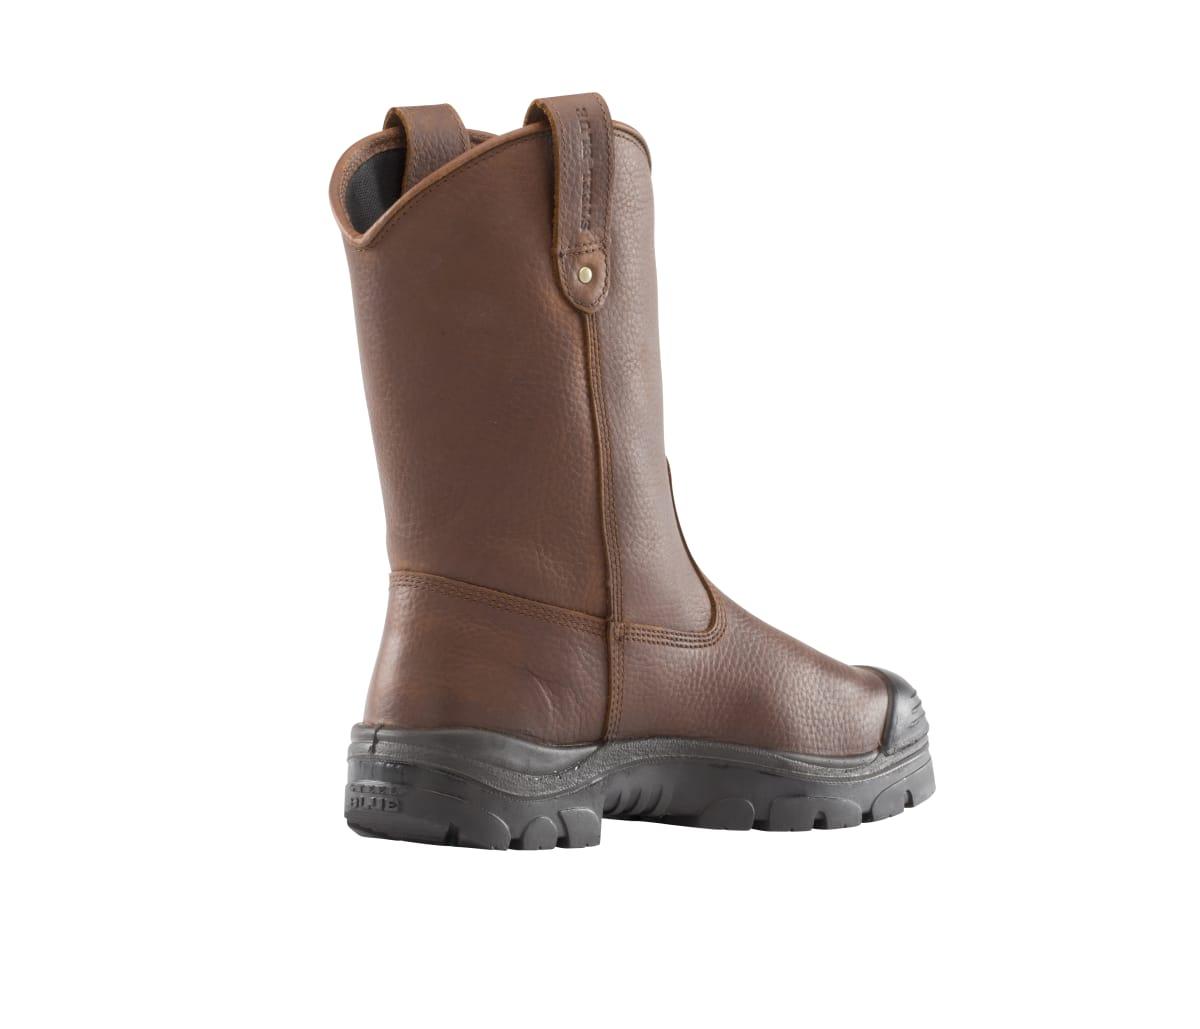 Heeler Met: Waterproof/ Bump Cap S3 - Oak